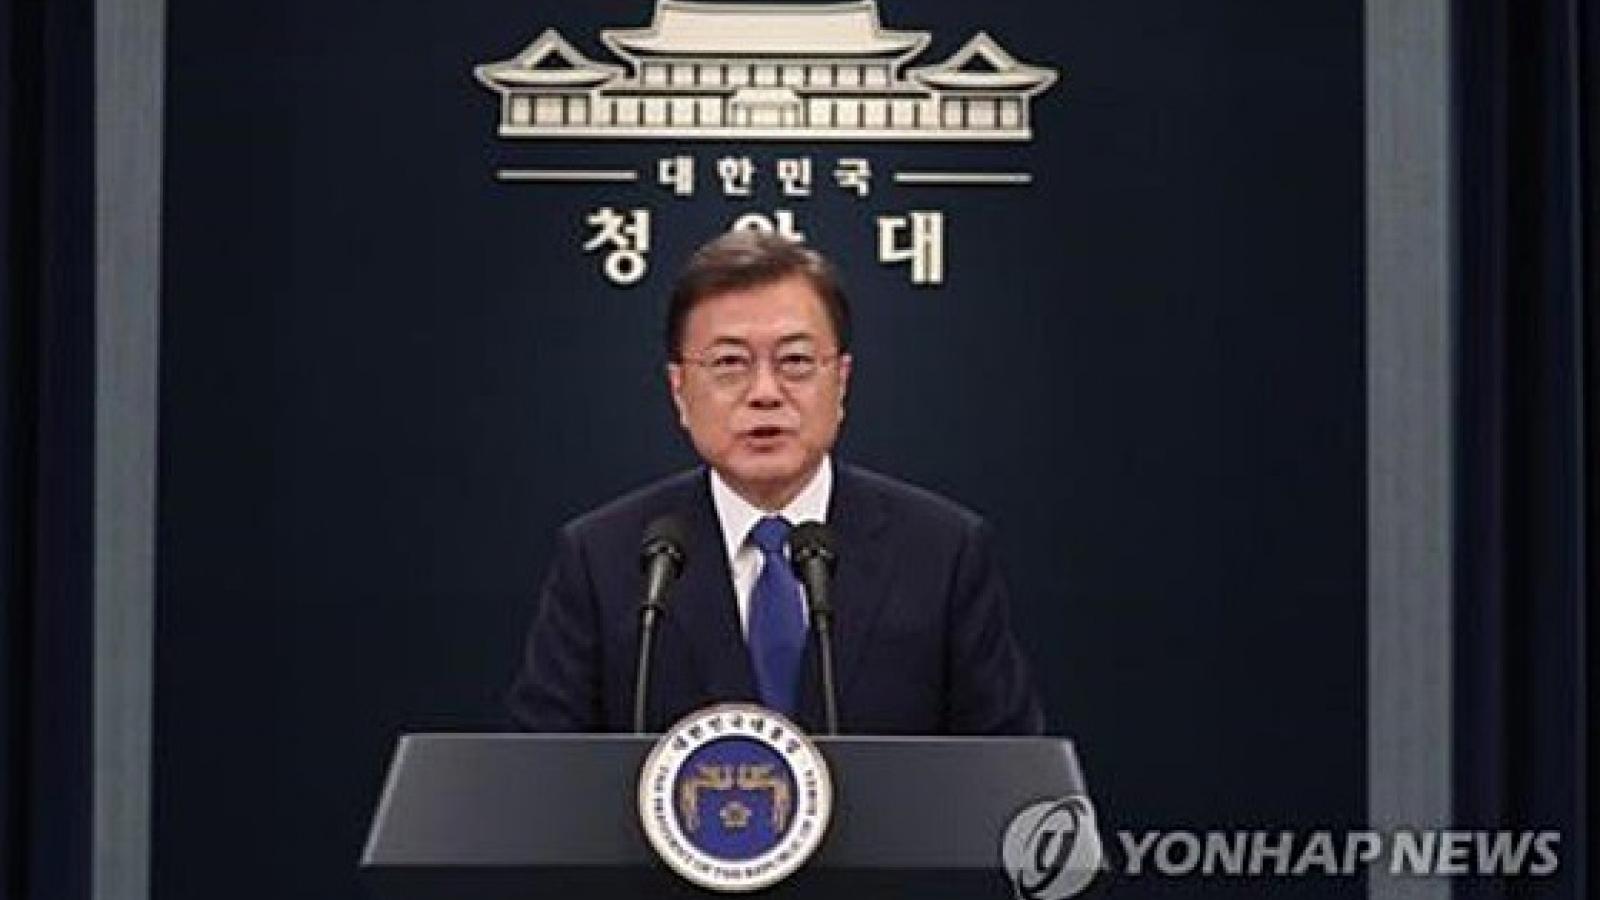 Hàn Quốc sẽ biến nguy cơ dịch Covid-19 thành cơ hội phát triển